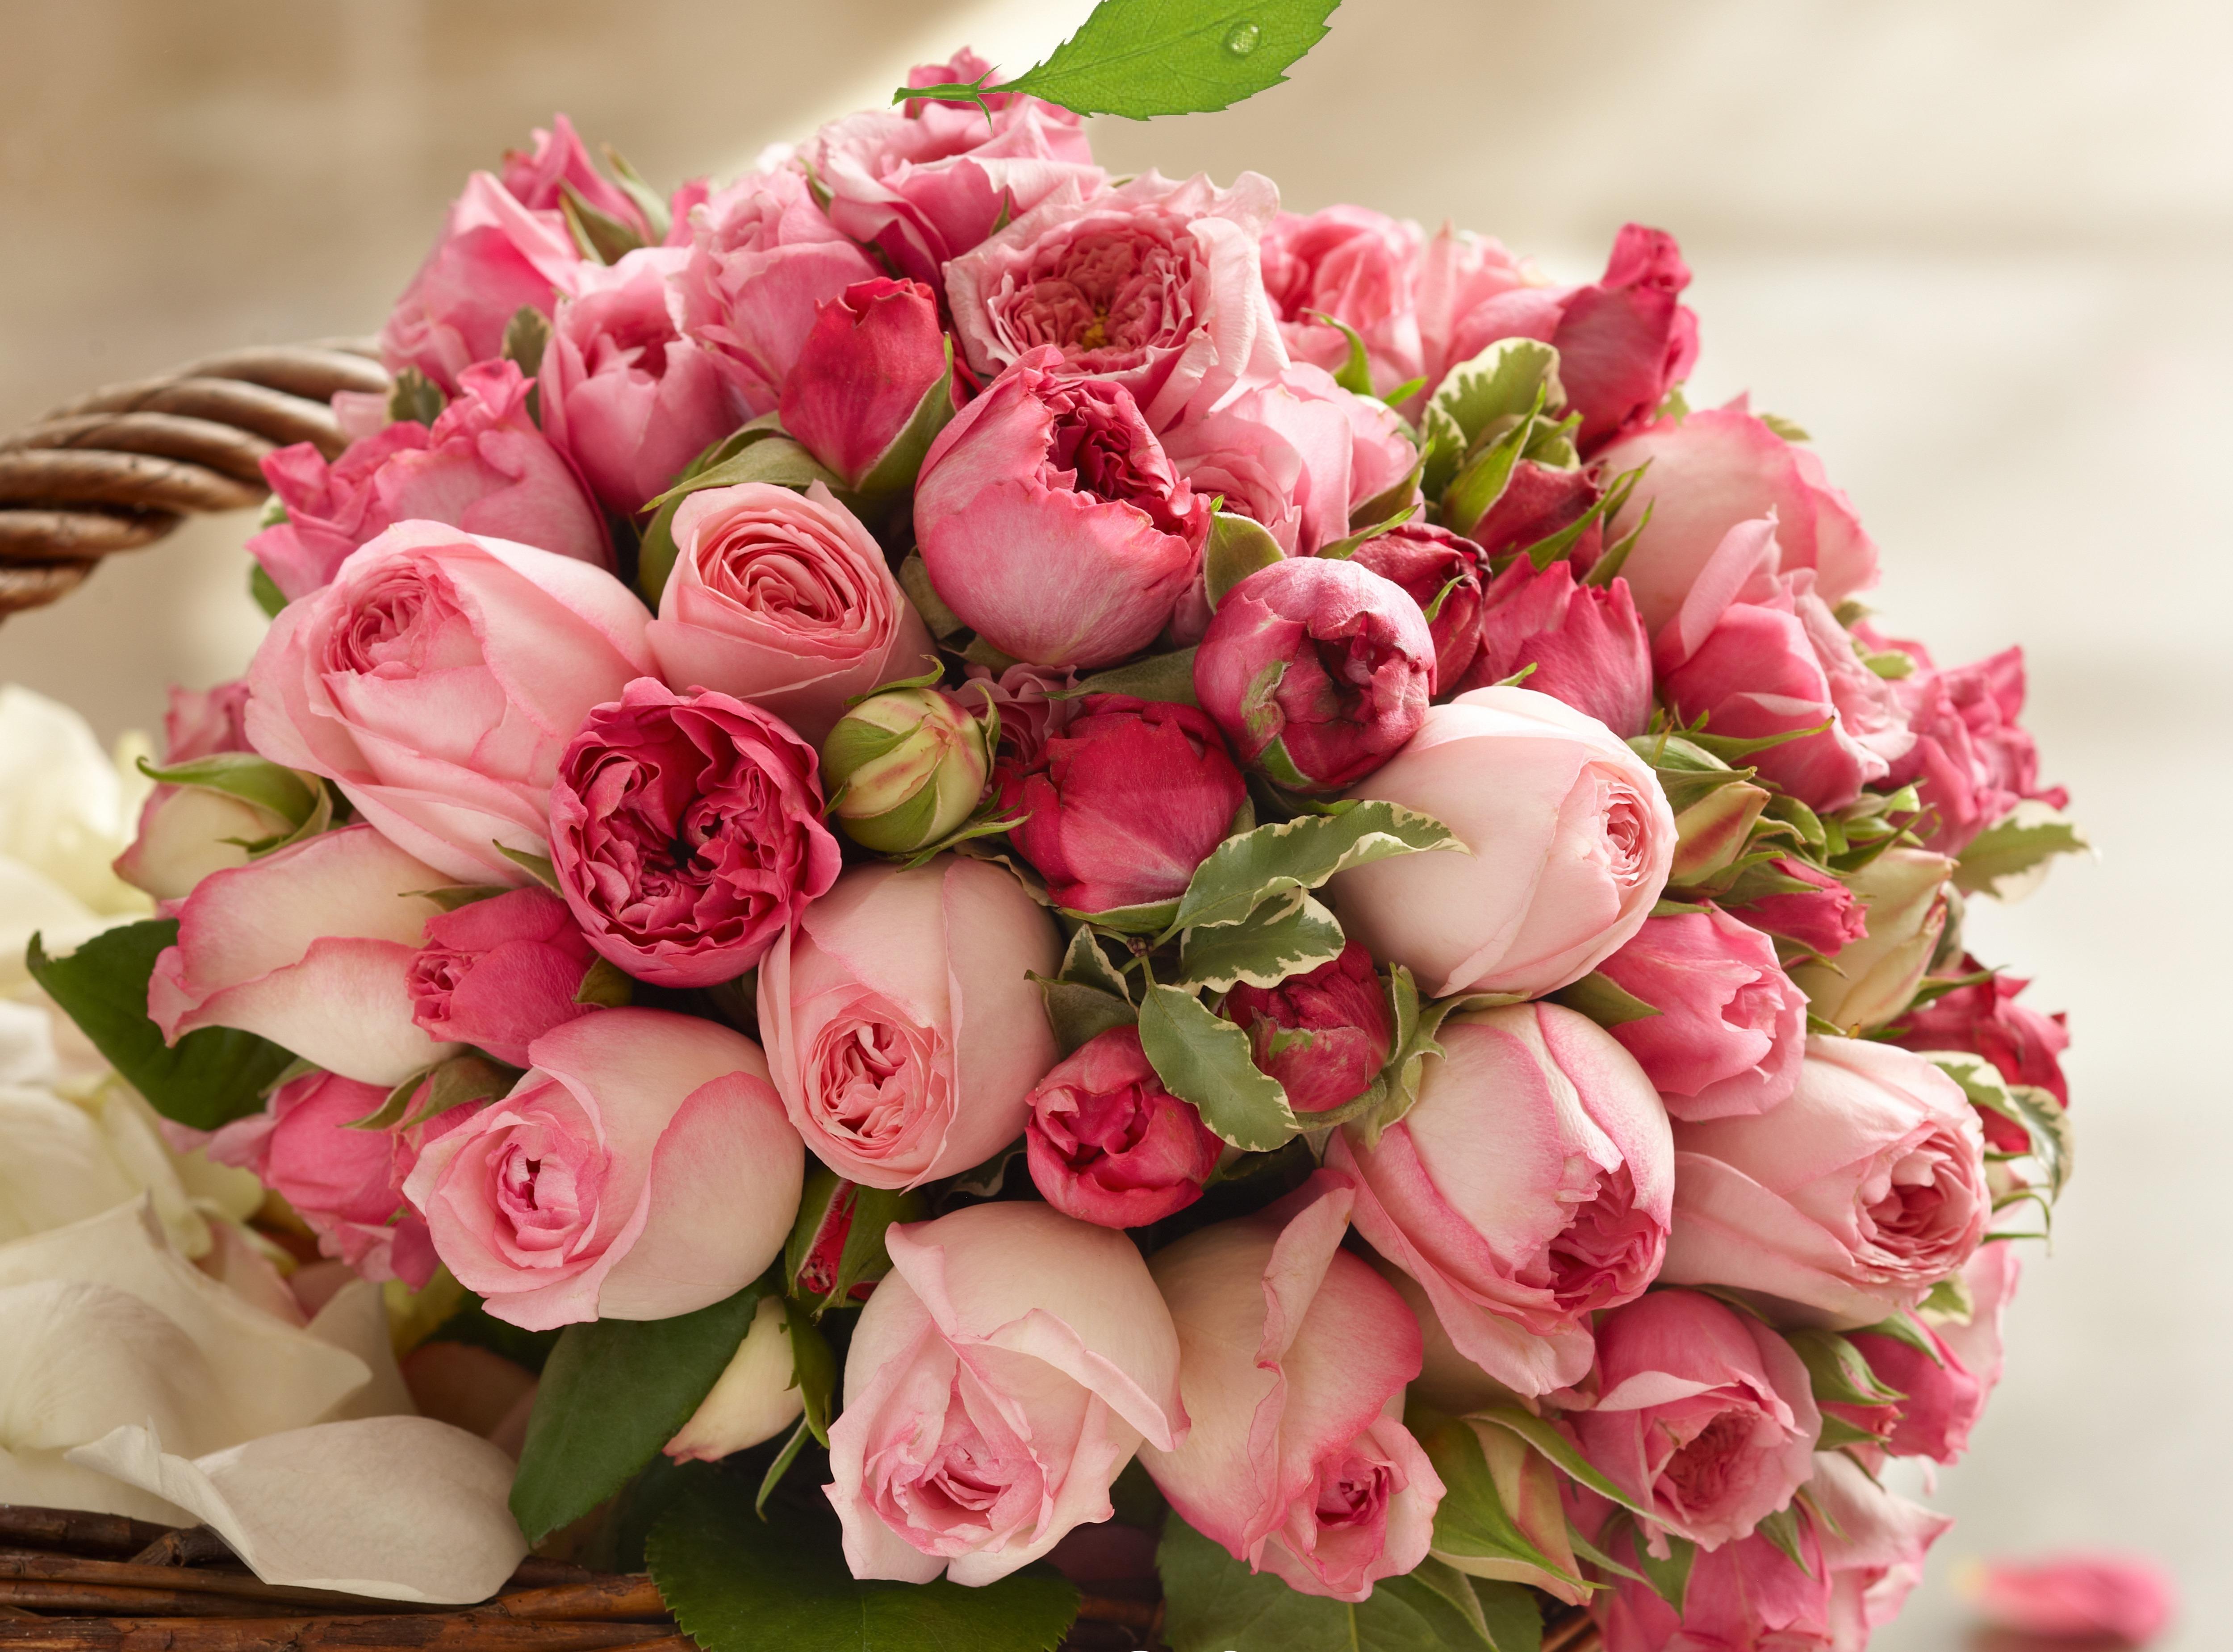 Доставка цветов в Томске, купить цветы и букеты Мне розы 77